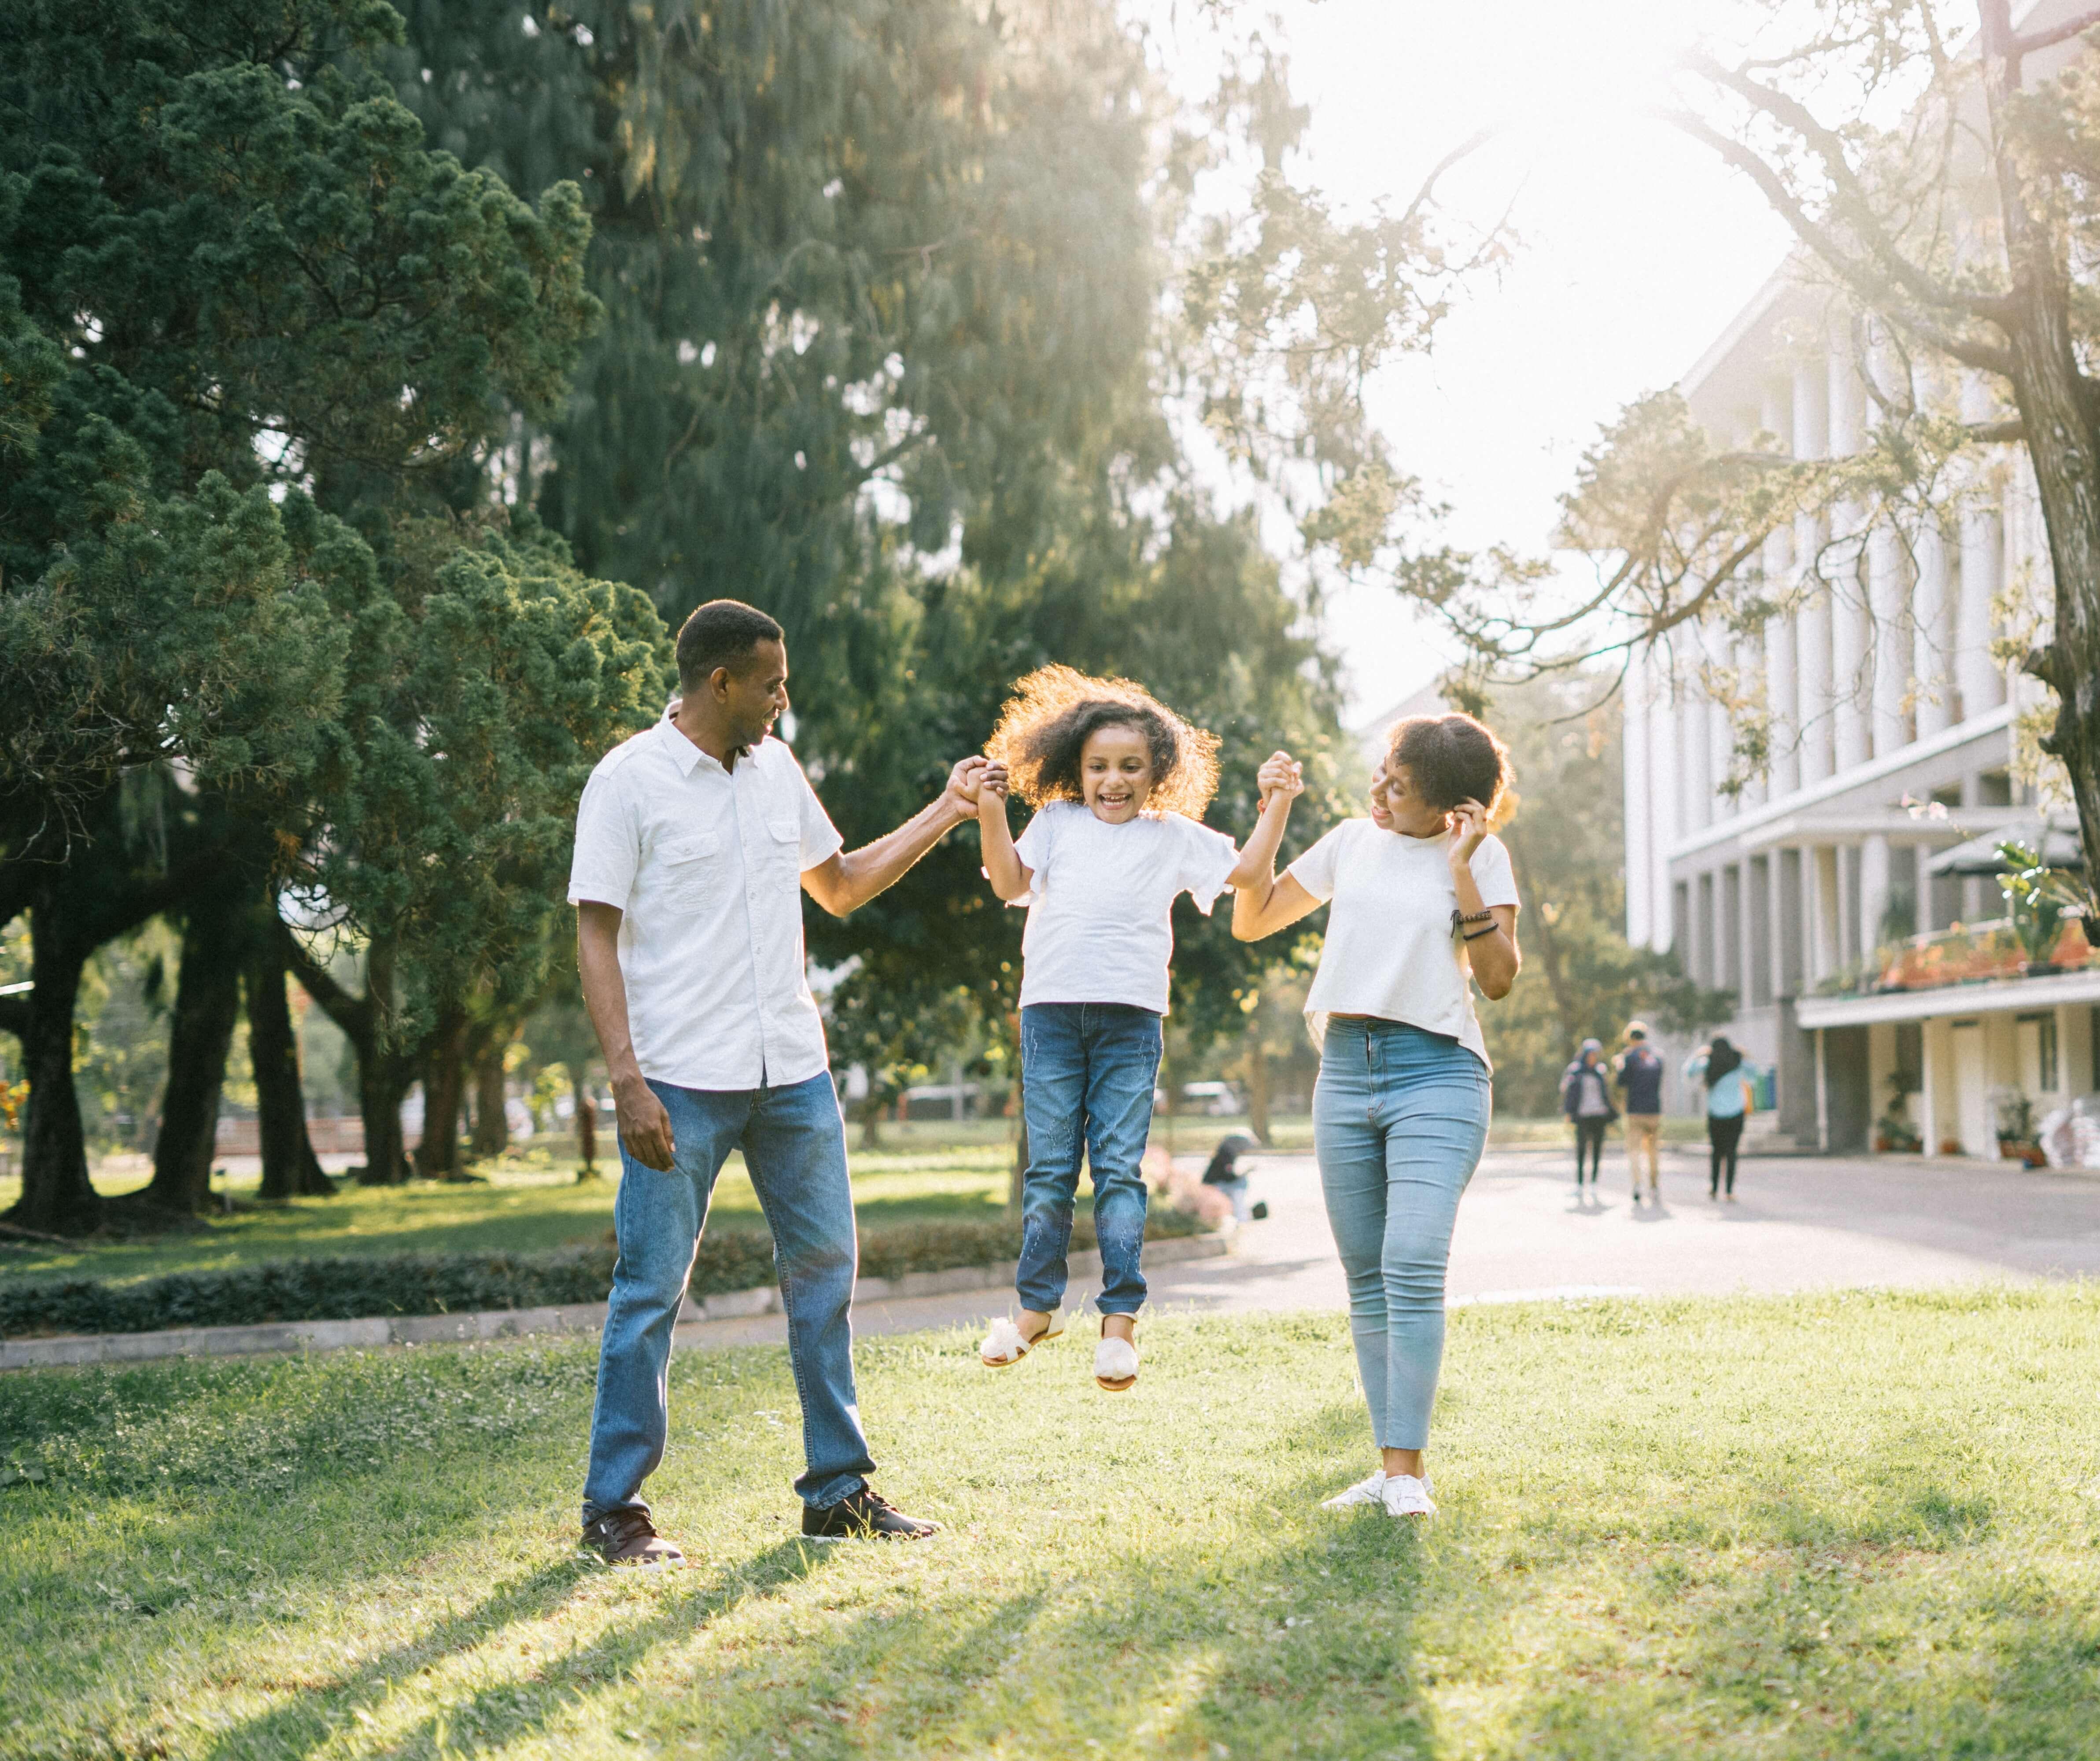 Vacances en famille : petit guide pour un séjour réussi